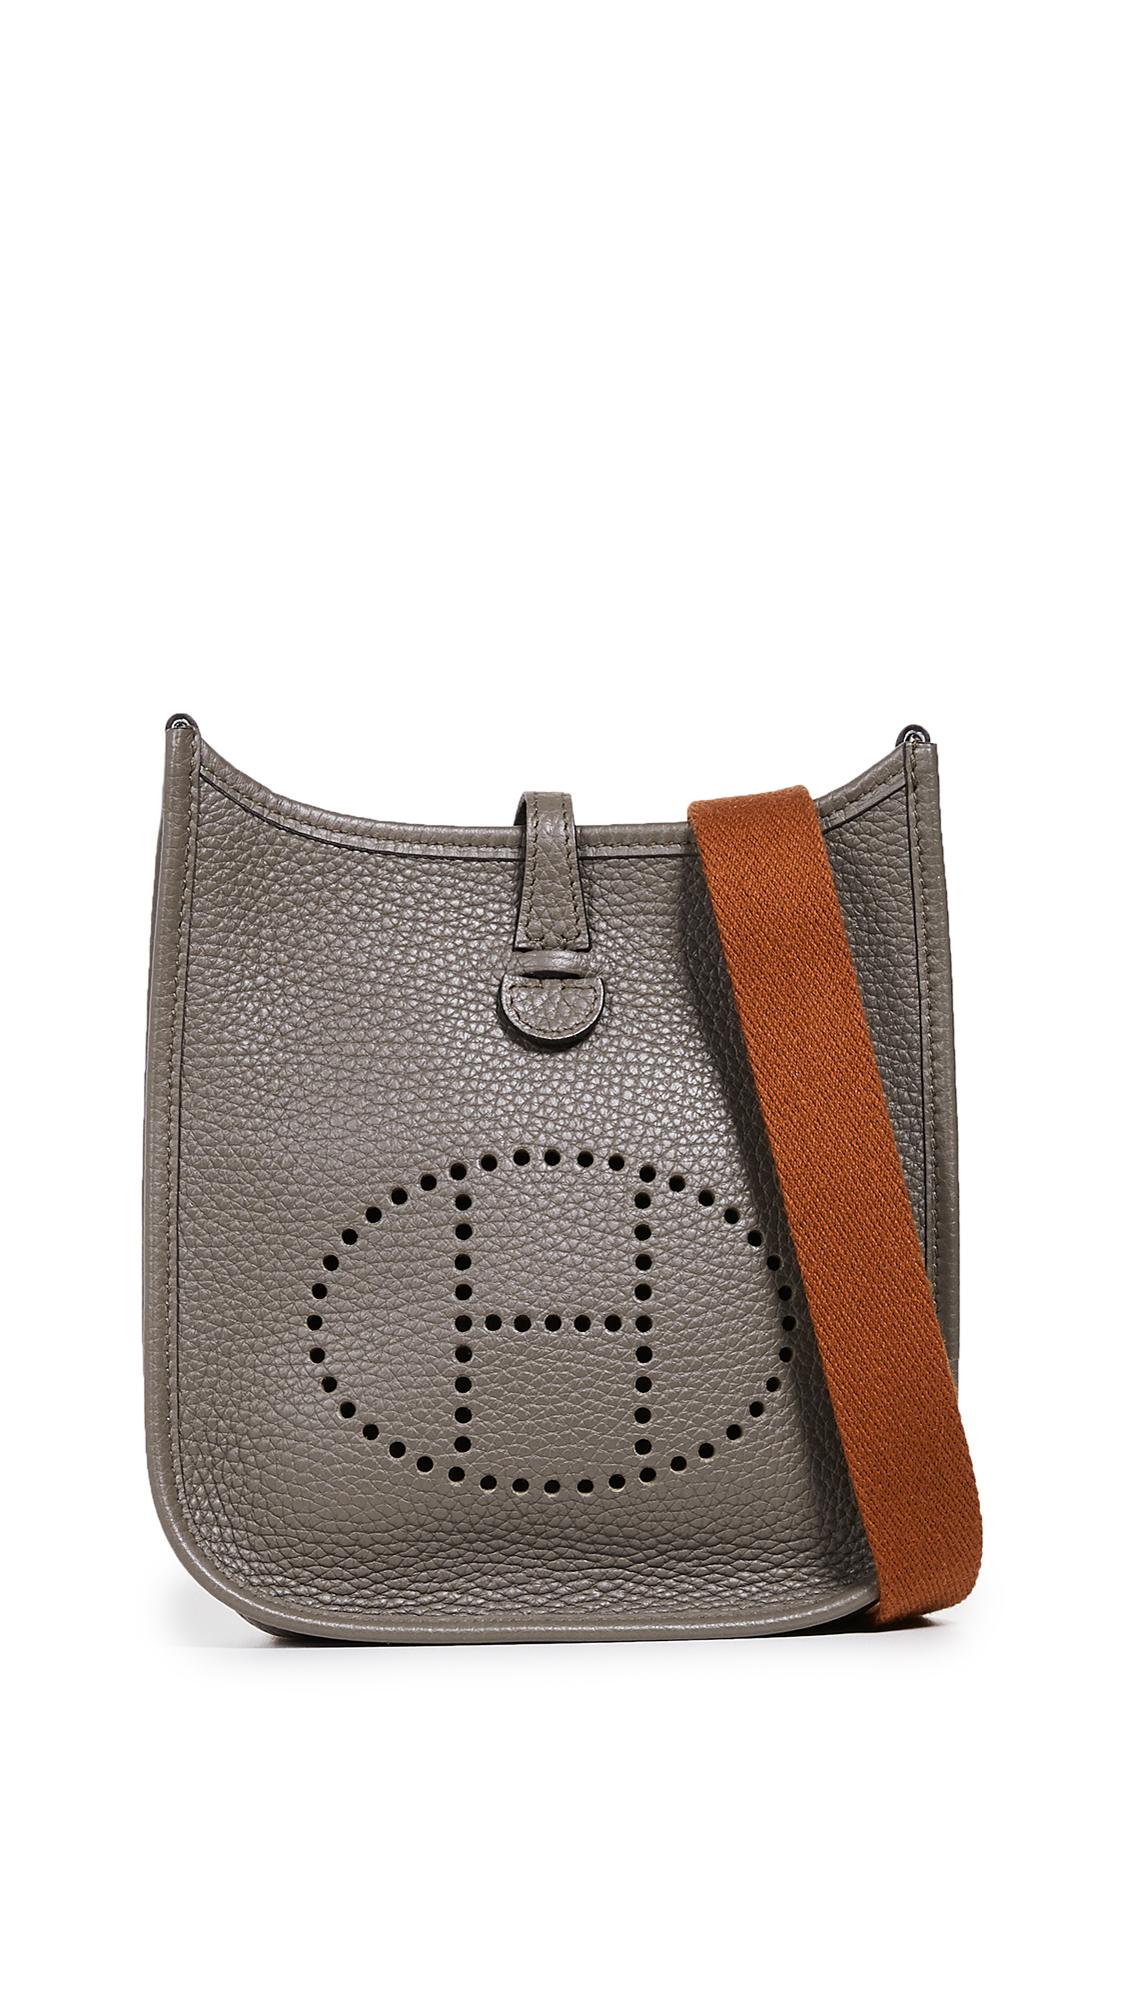 Hermes Clemence Evelyn I Pm Bag, Grey